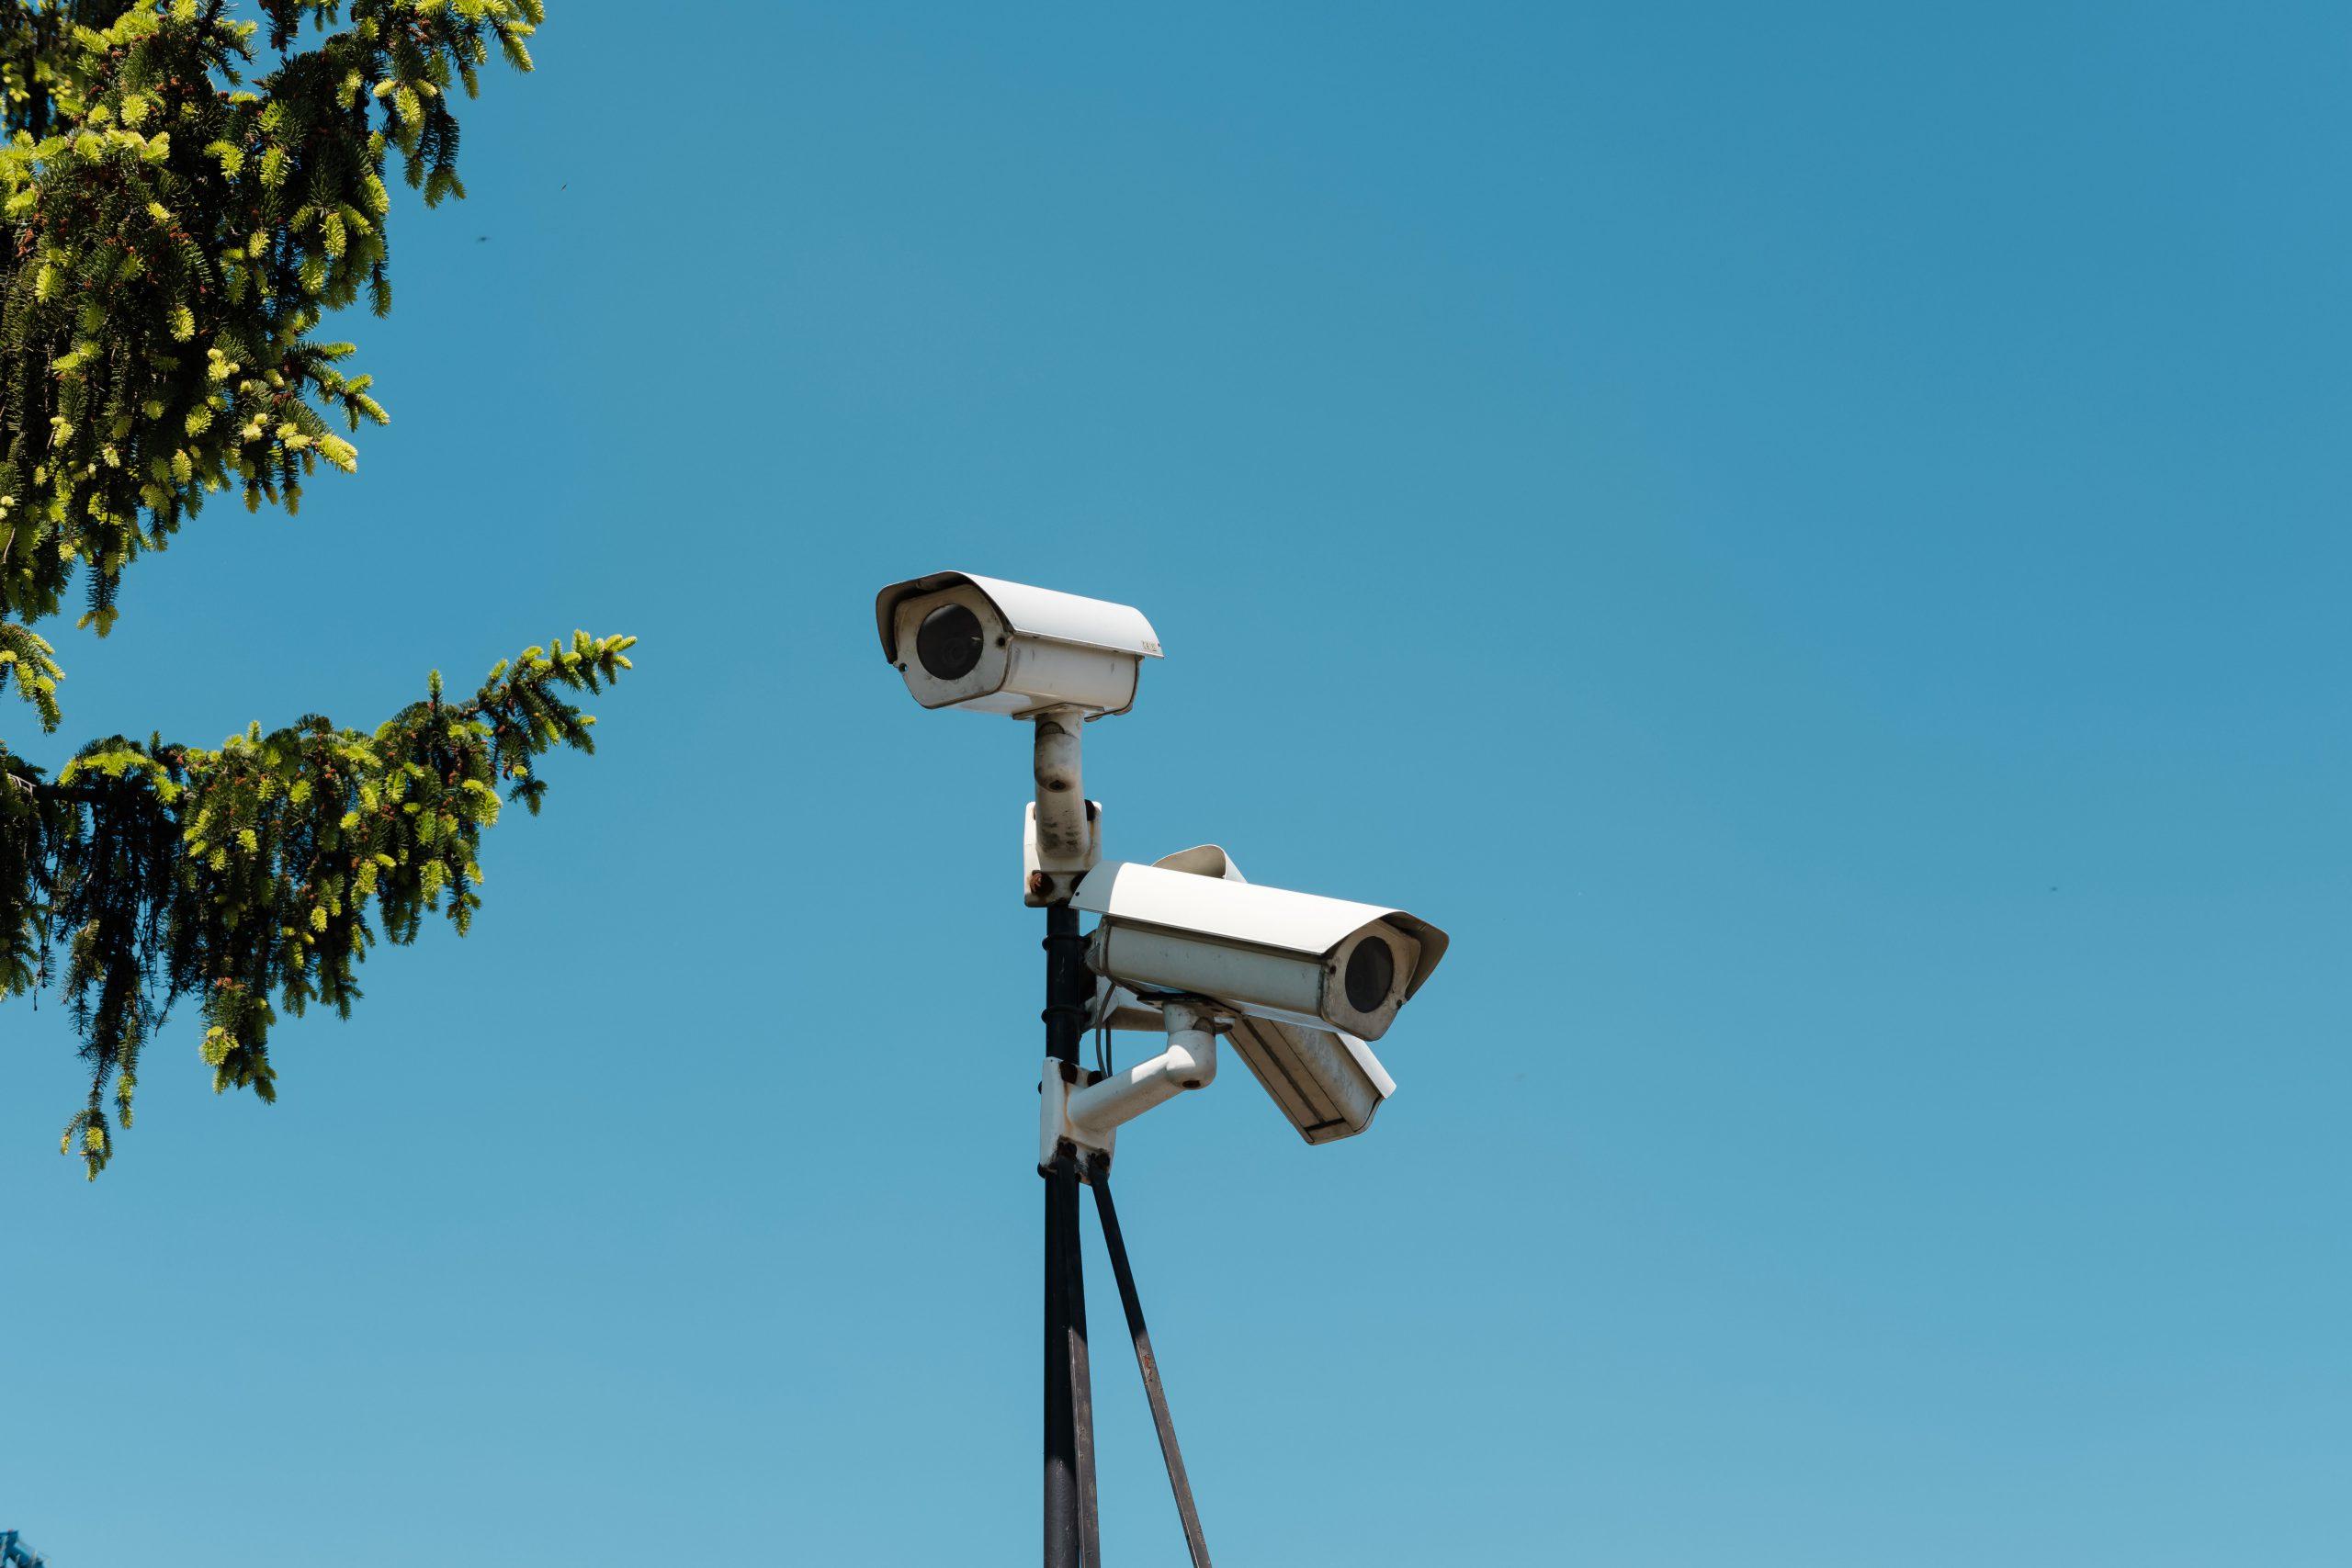 surveillance bagatel